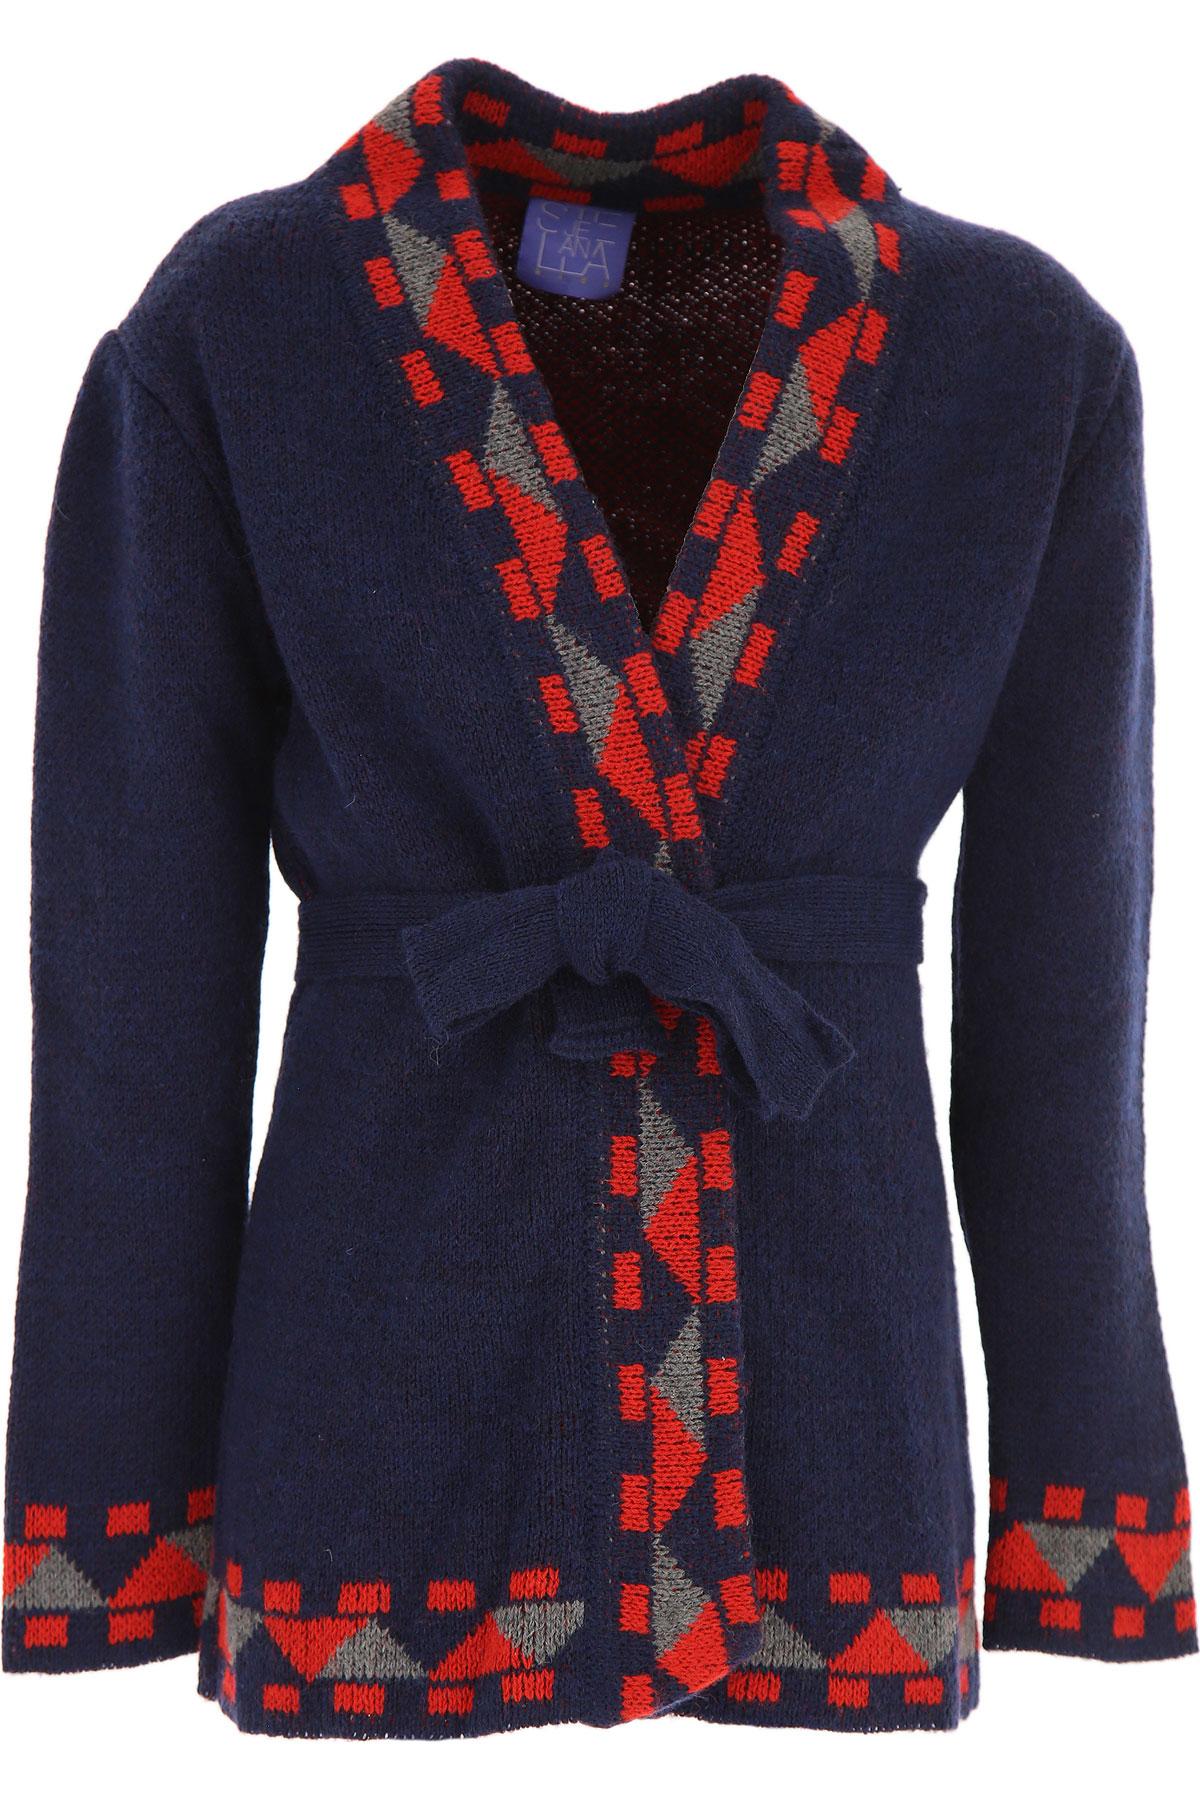 Stella Jean Kids Sweaters for Girls On Sale, Blue, Acrylic, 2019, 10Y 4Y 6Y 8Y